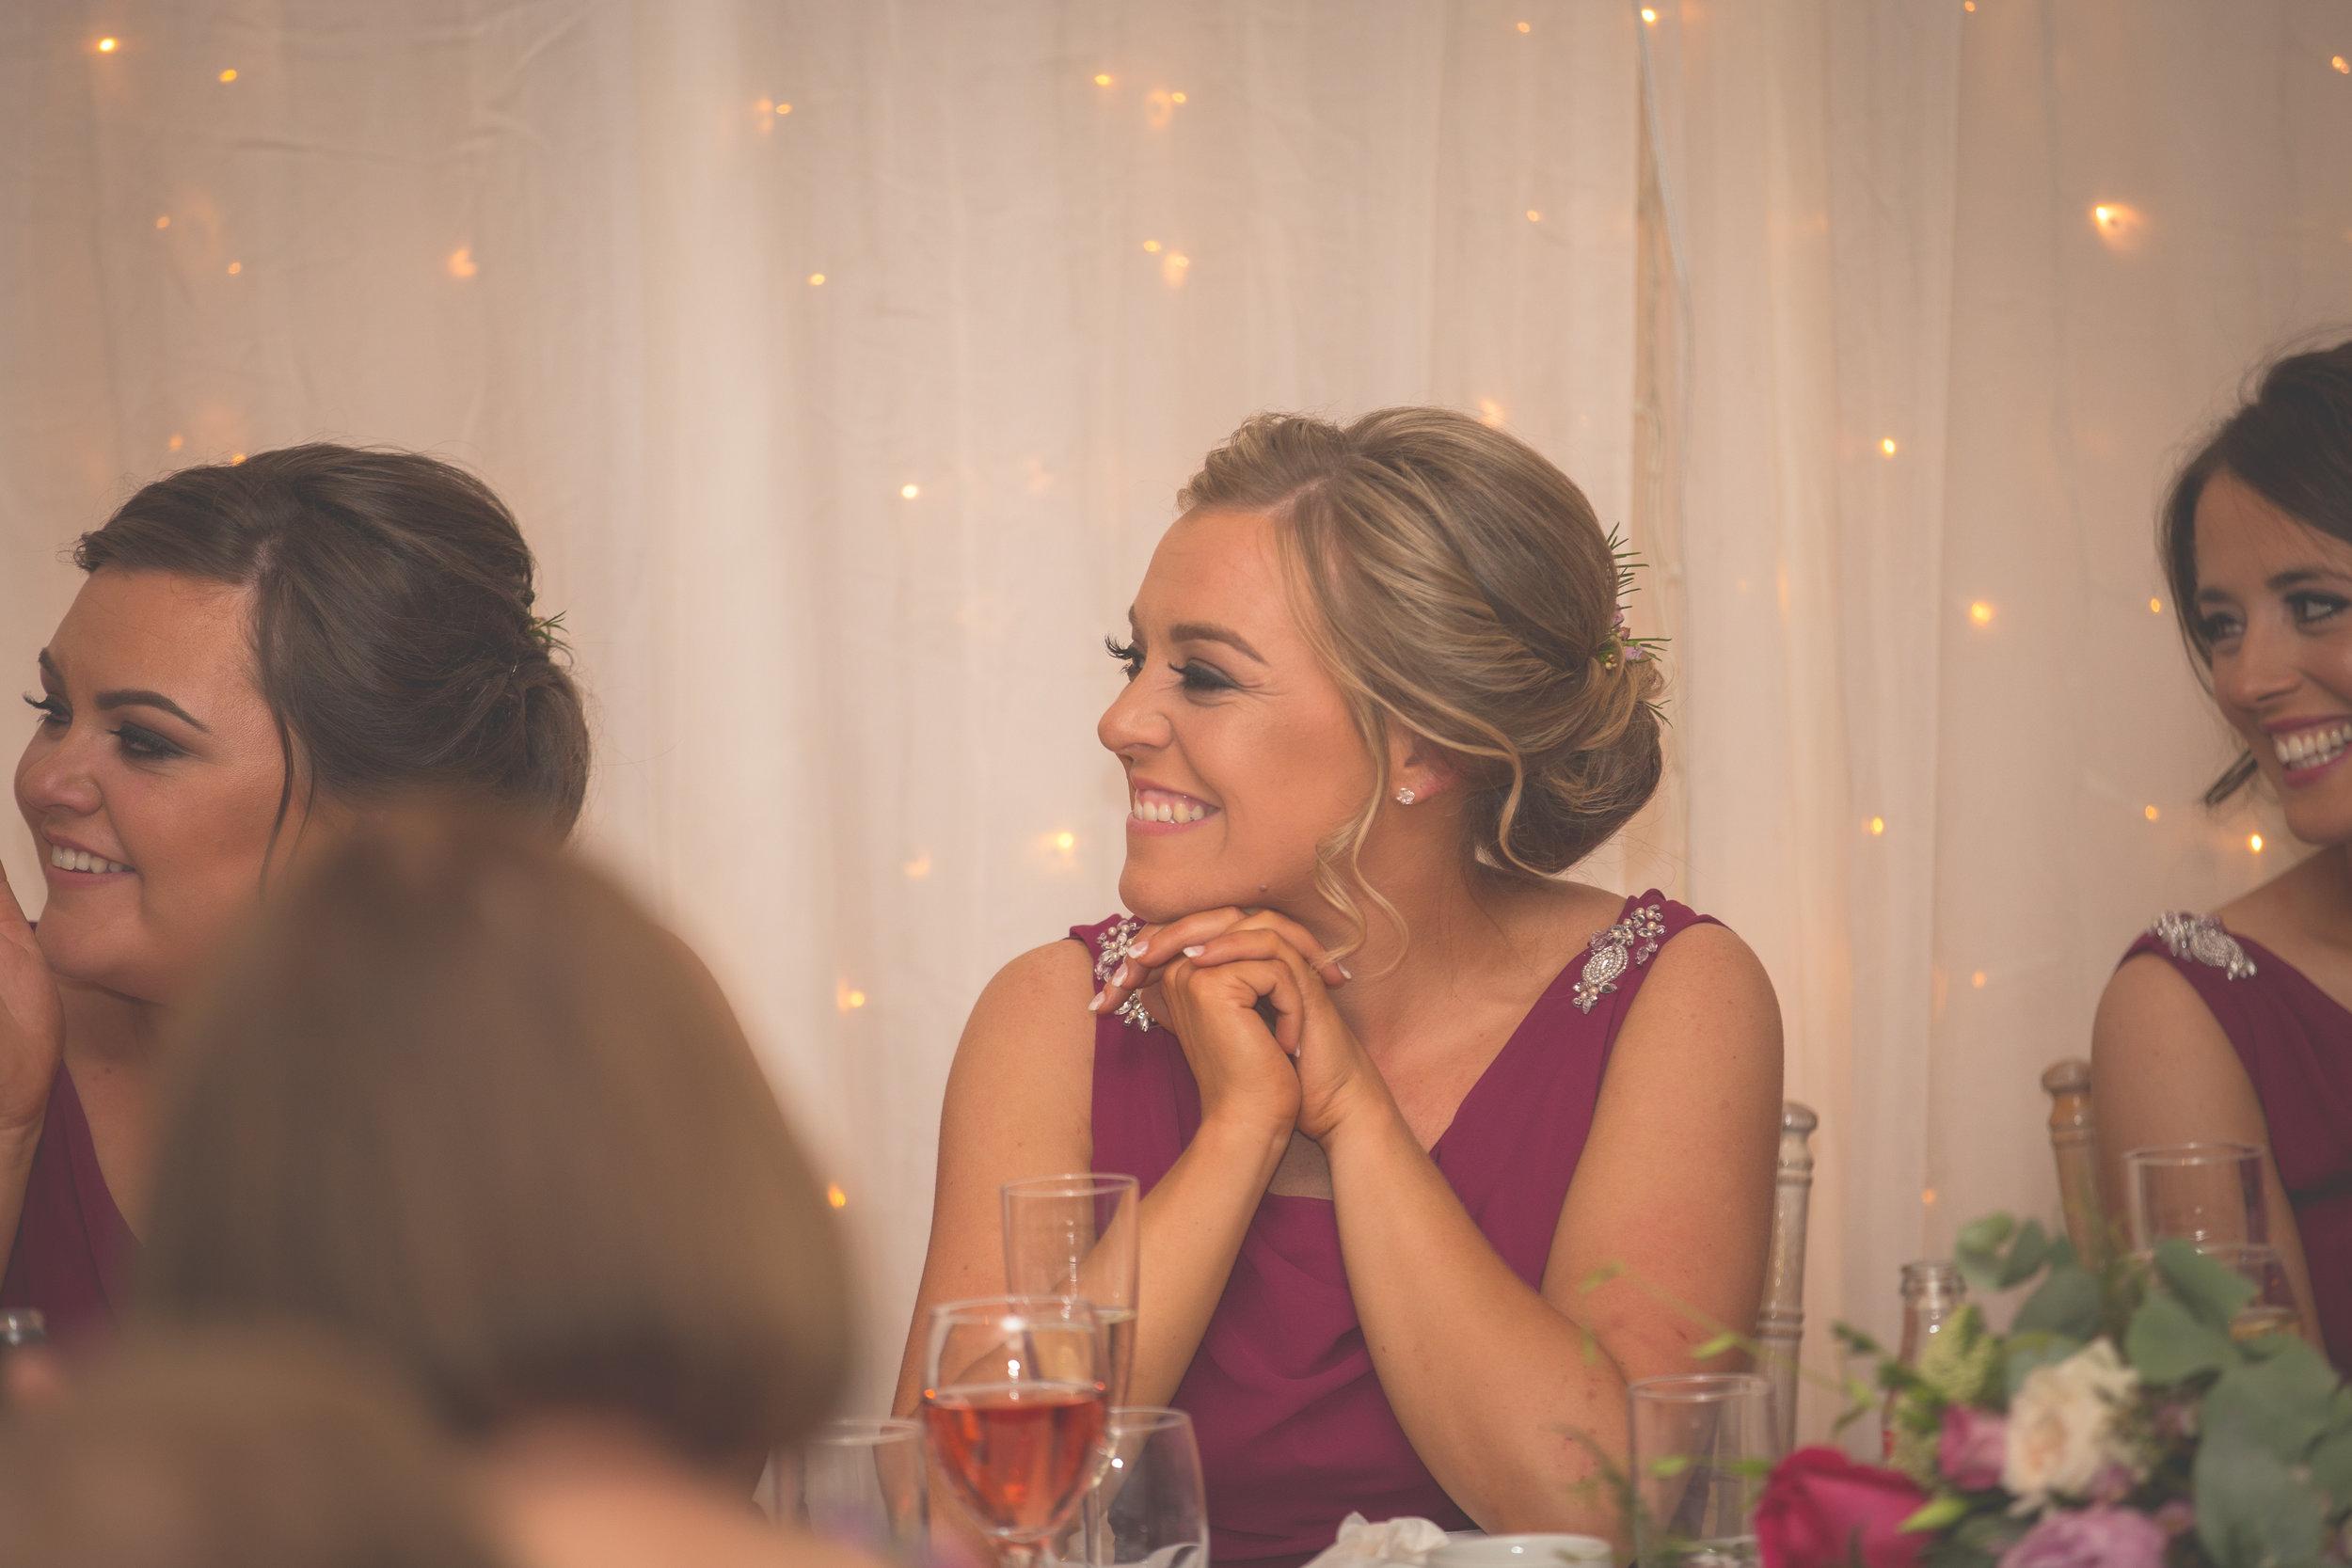 Brian McEwan Wedding Photography | Carol-Anne & Sean | The Speeches-96.jpg